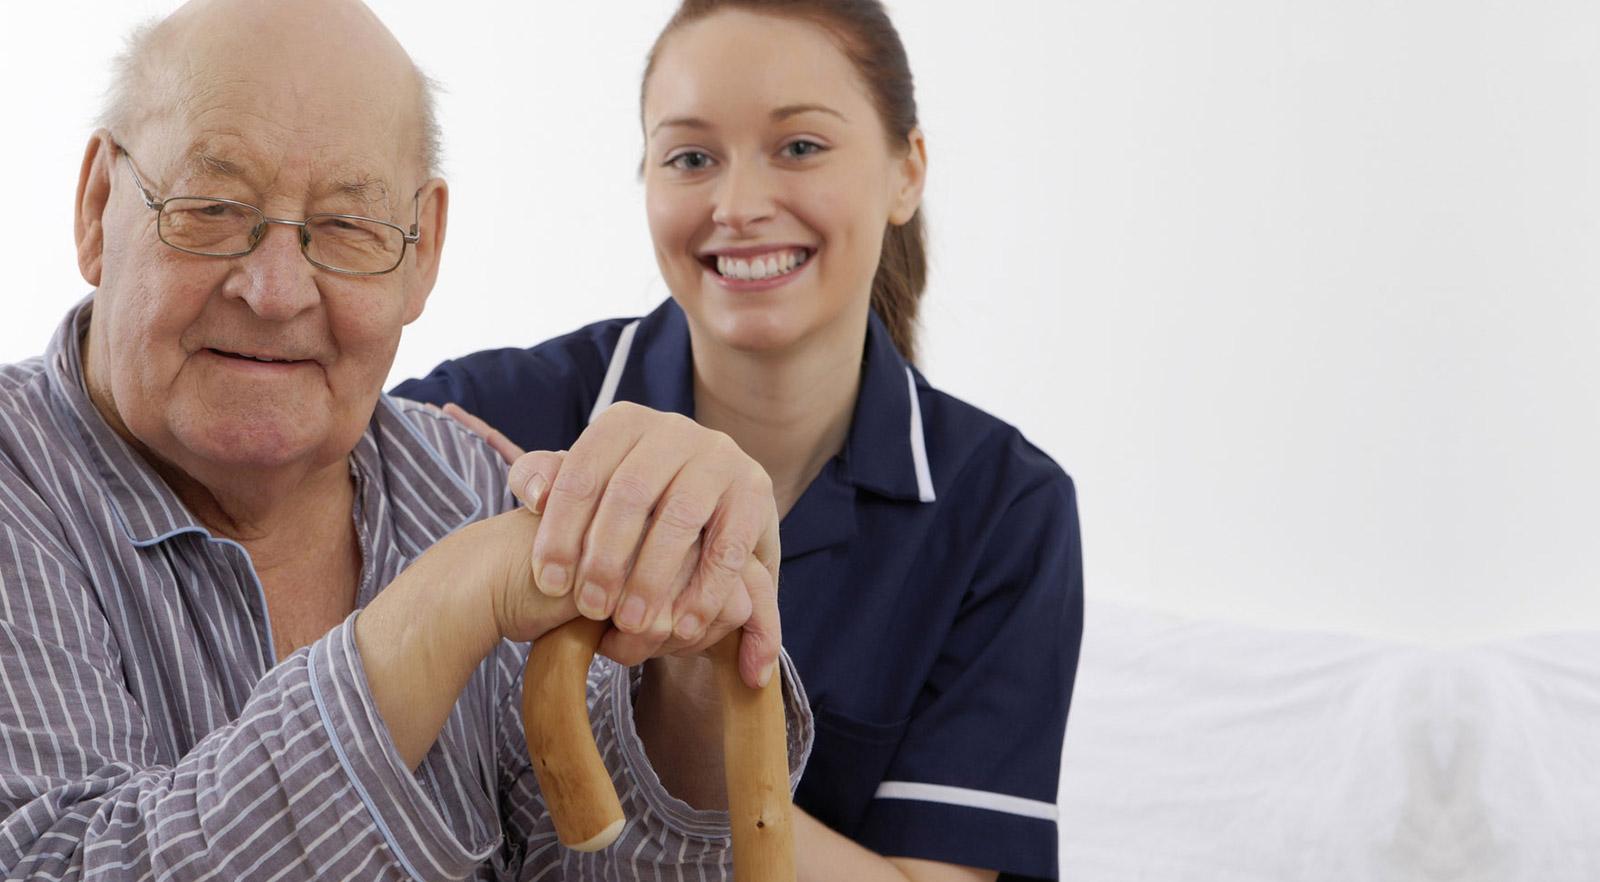 Oristano: Cercasi Badante convivente per uomo anziano - Contratto a tempo indeterminato